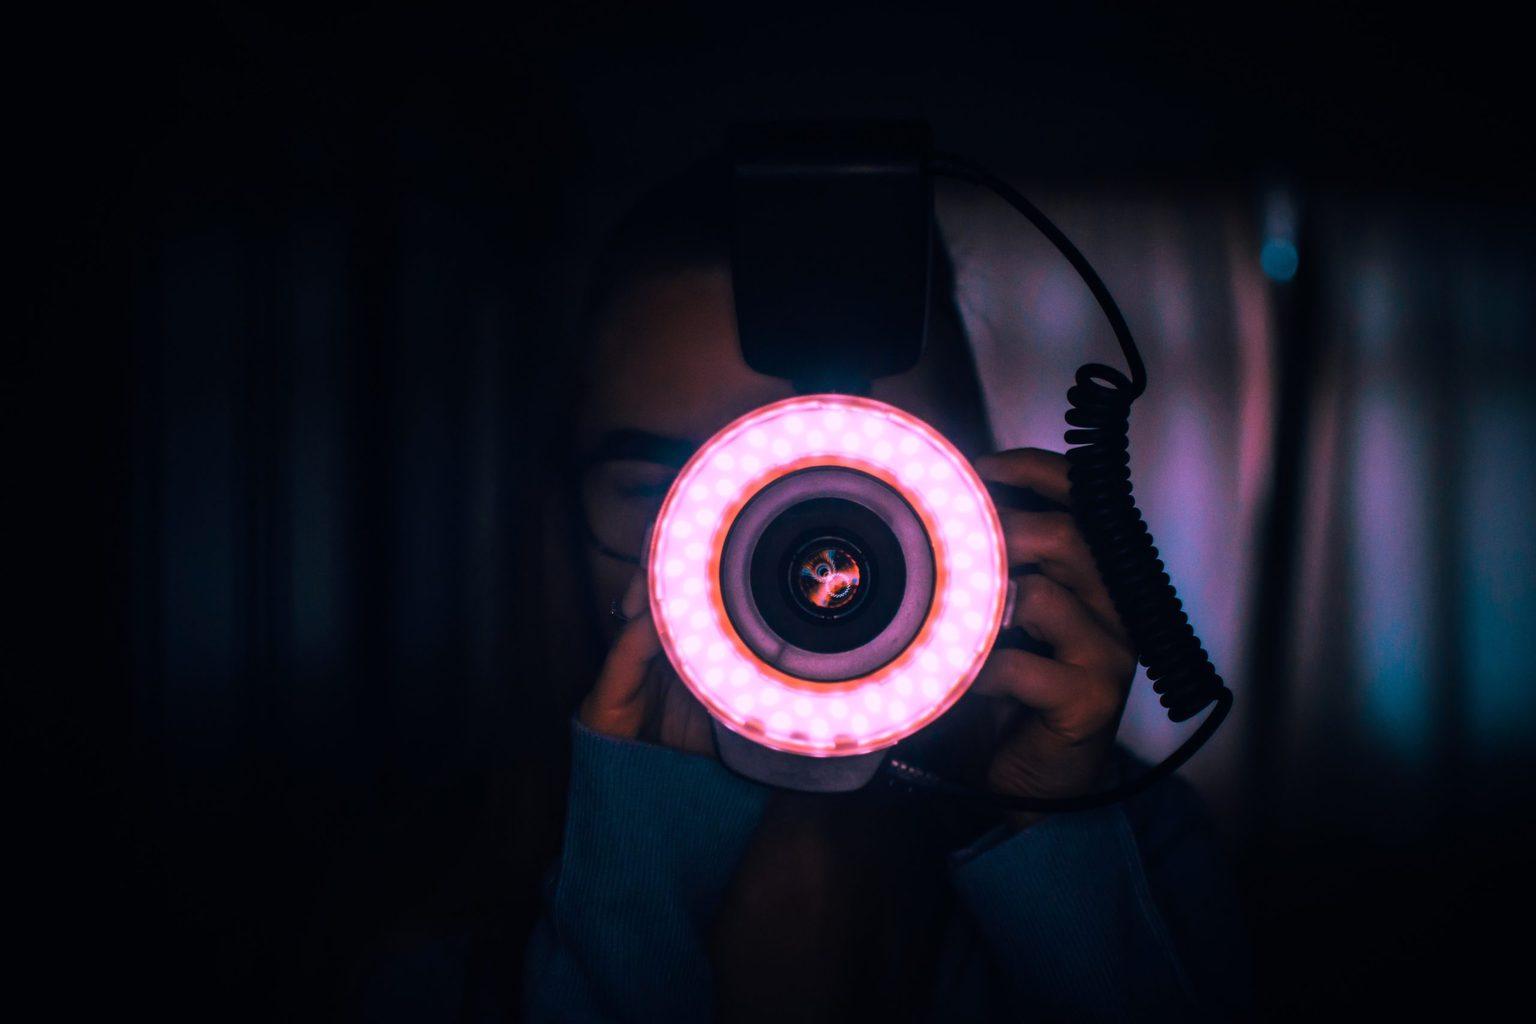 Flash anular colocado en cámara